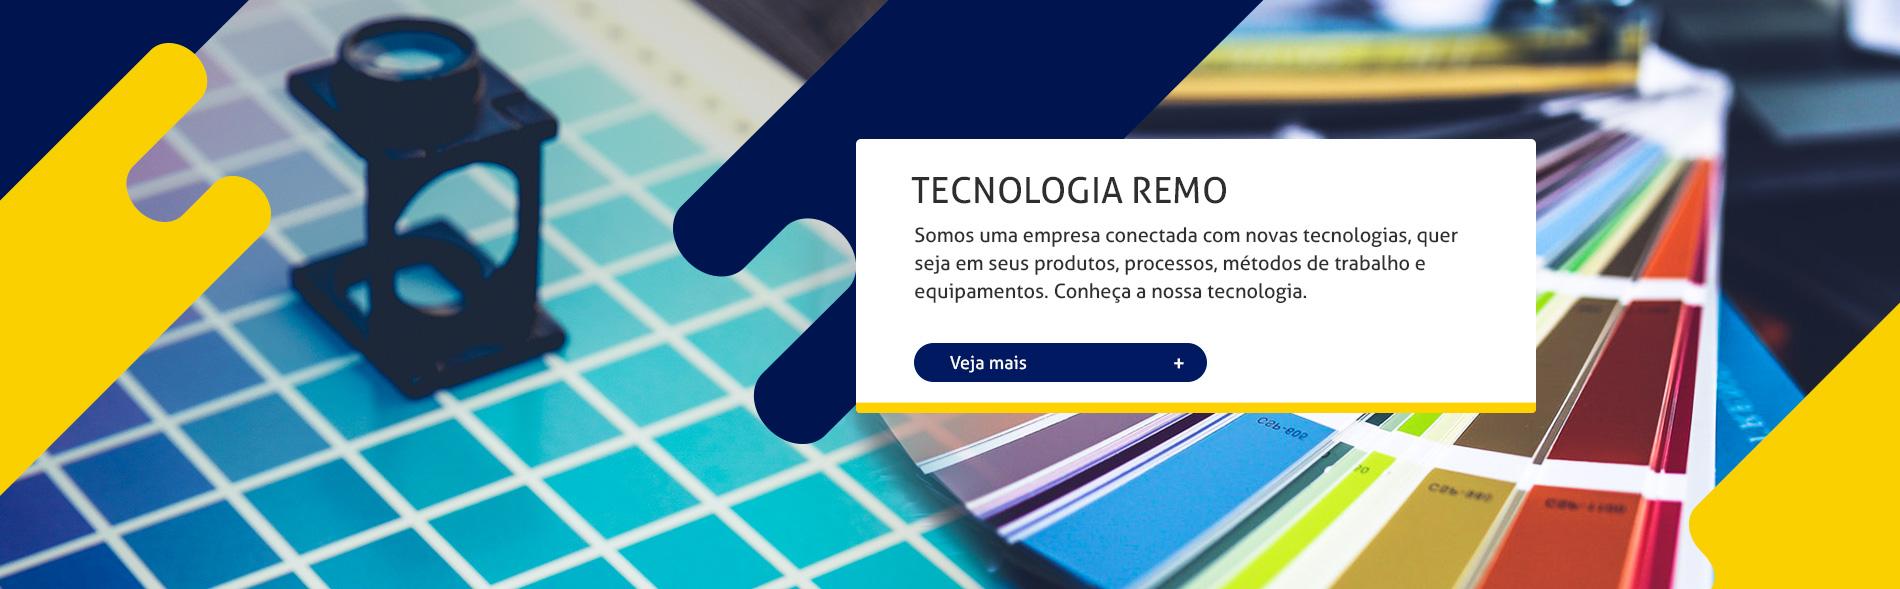 banner 4 – Tecnologia Remo